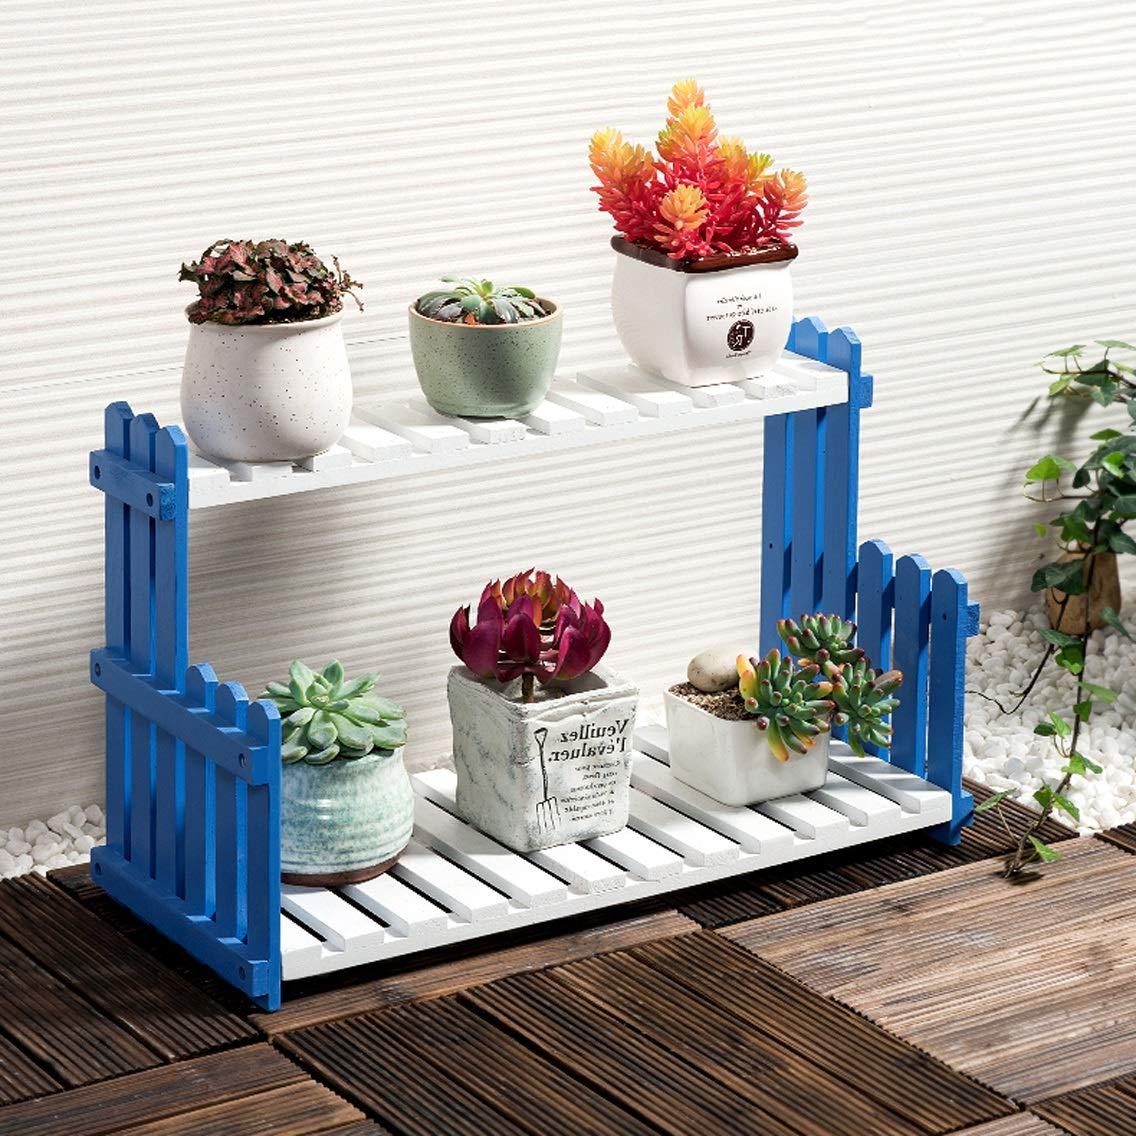 HZB Solid Wood Flower Rack Living Room Balcony Floor Multi Storey Flower Pot Shelf